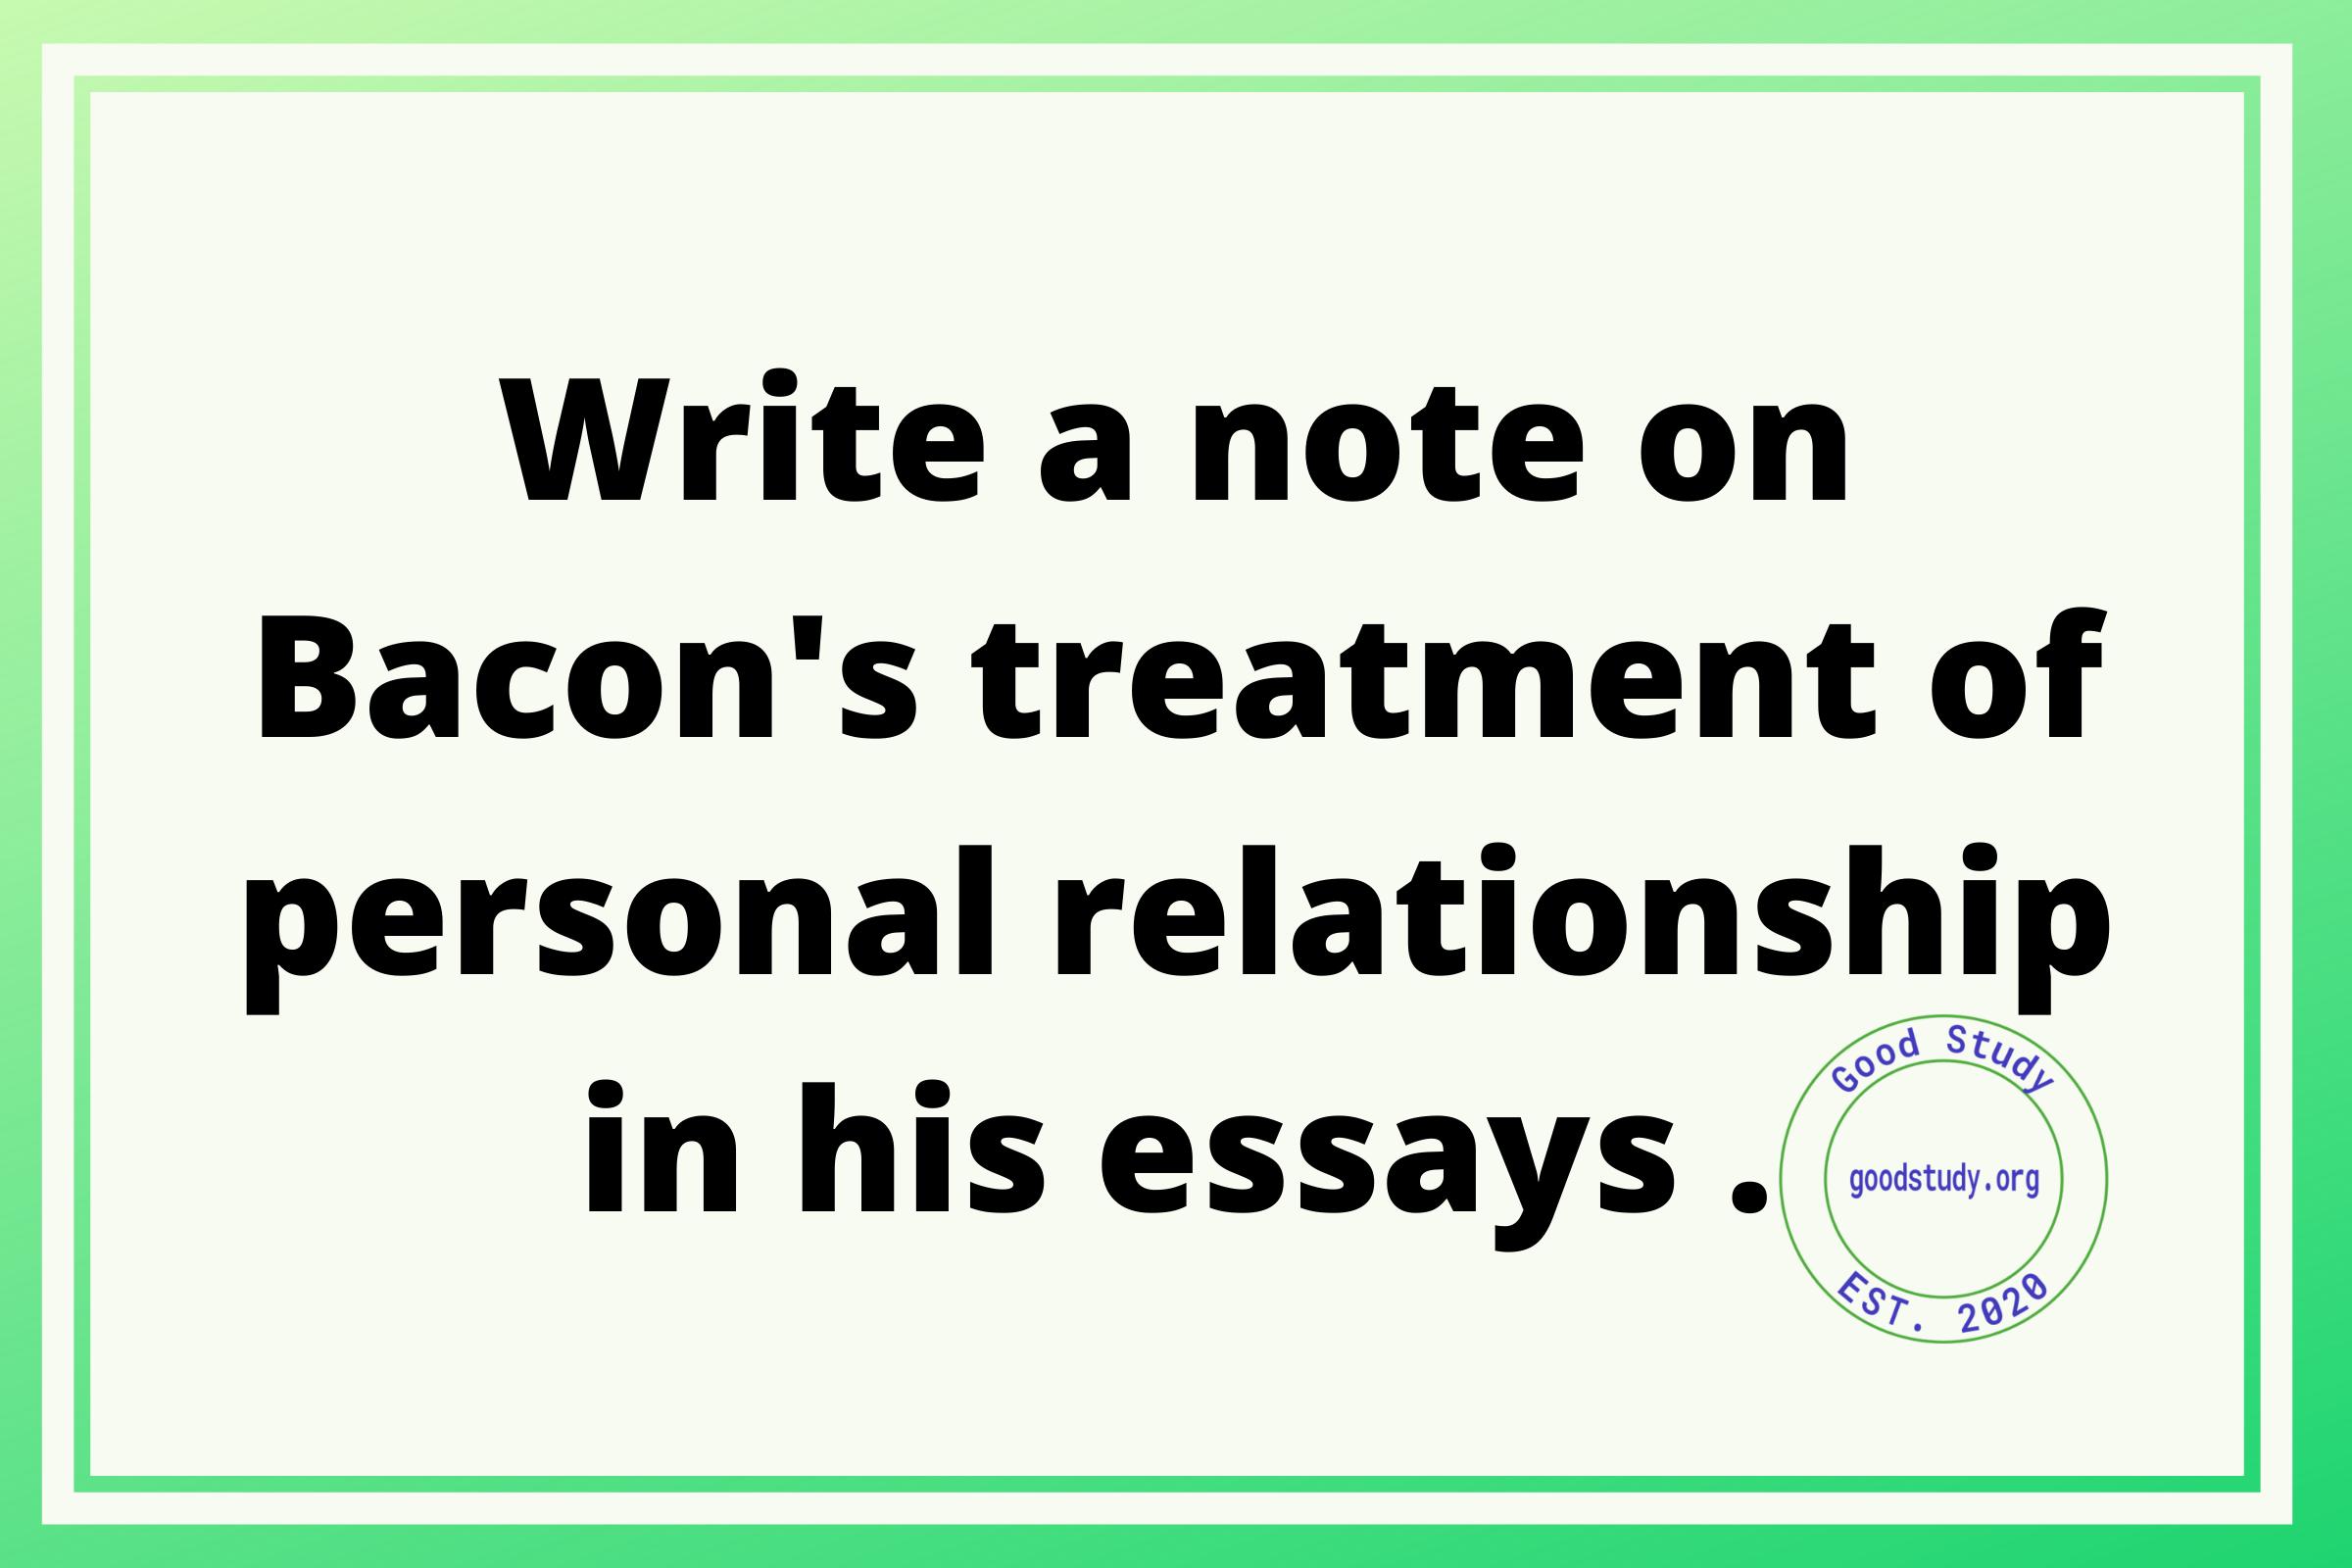 Bacon's treatment